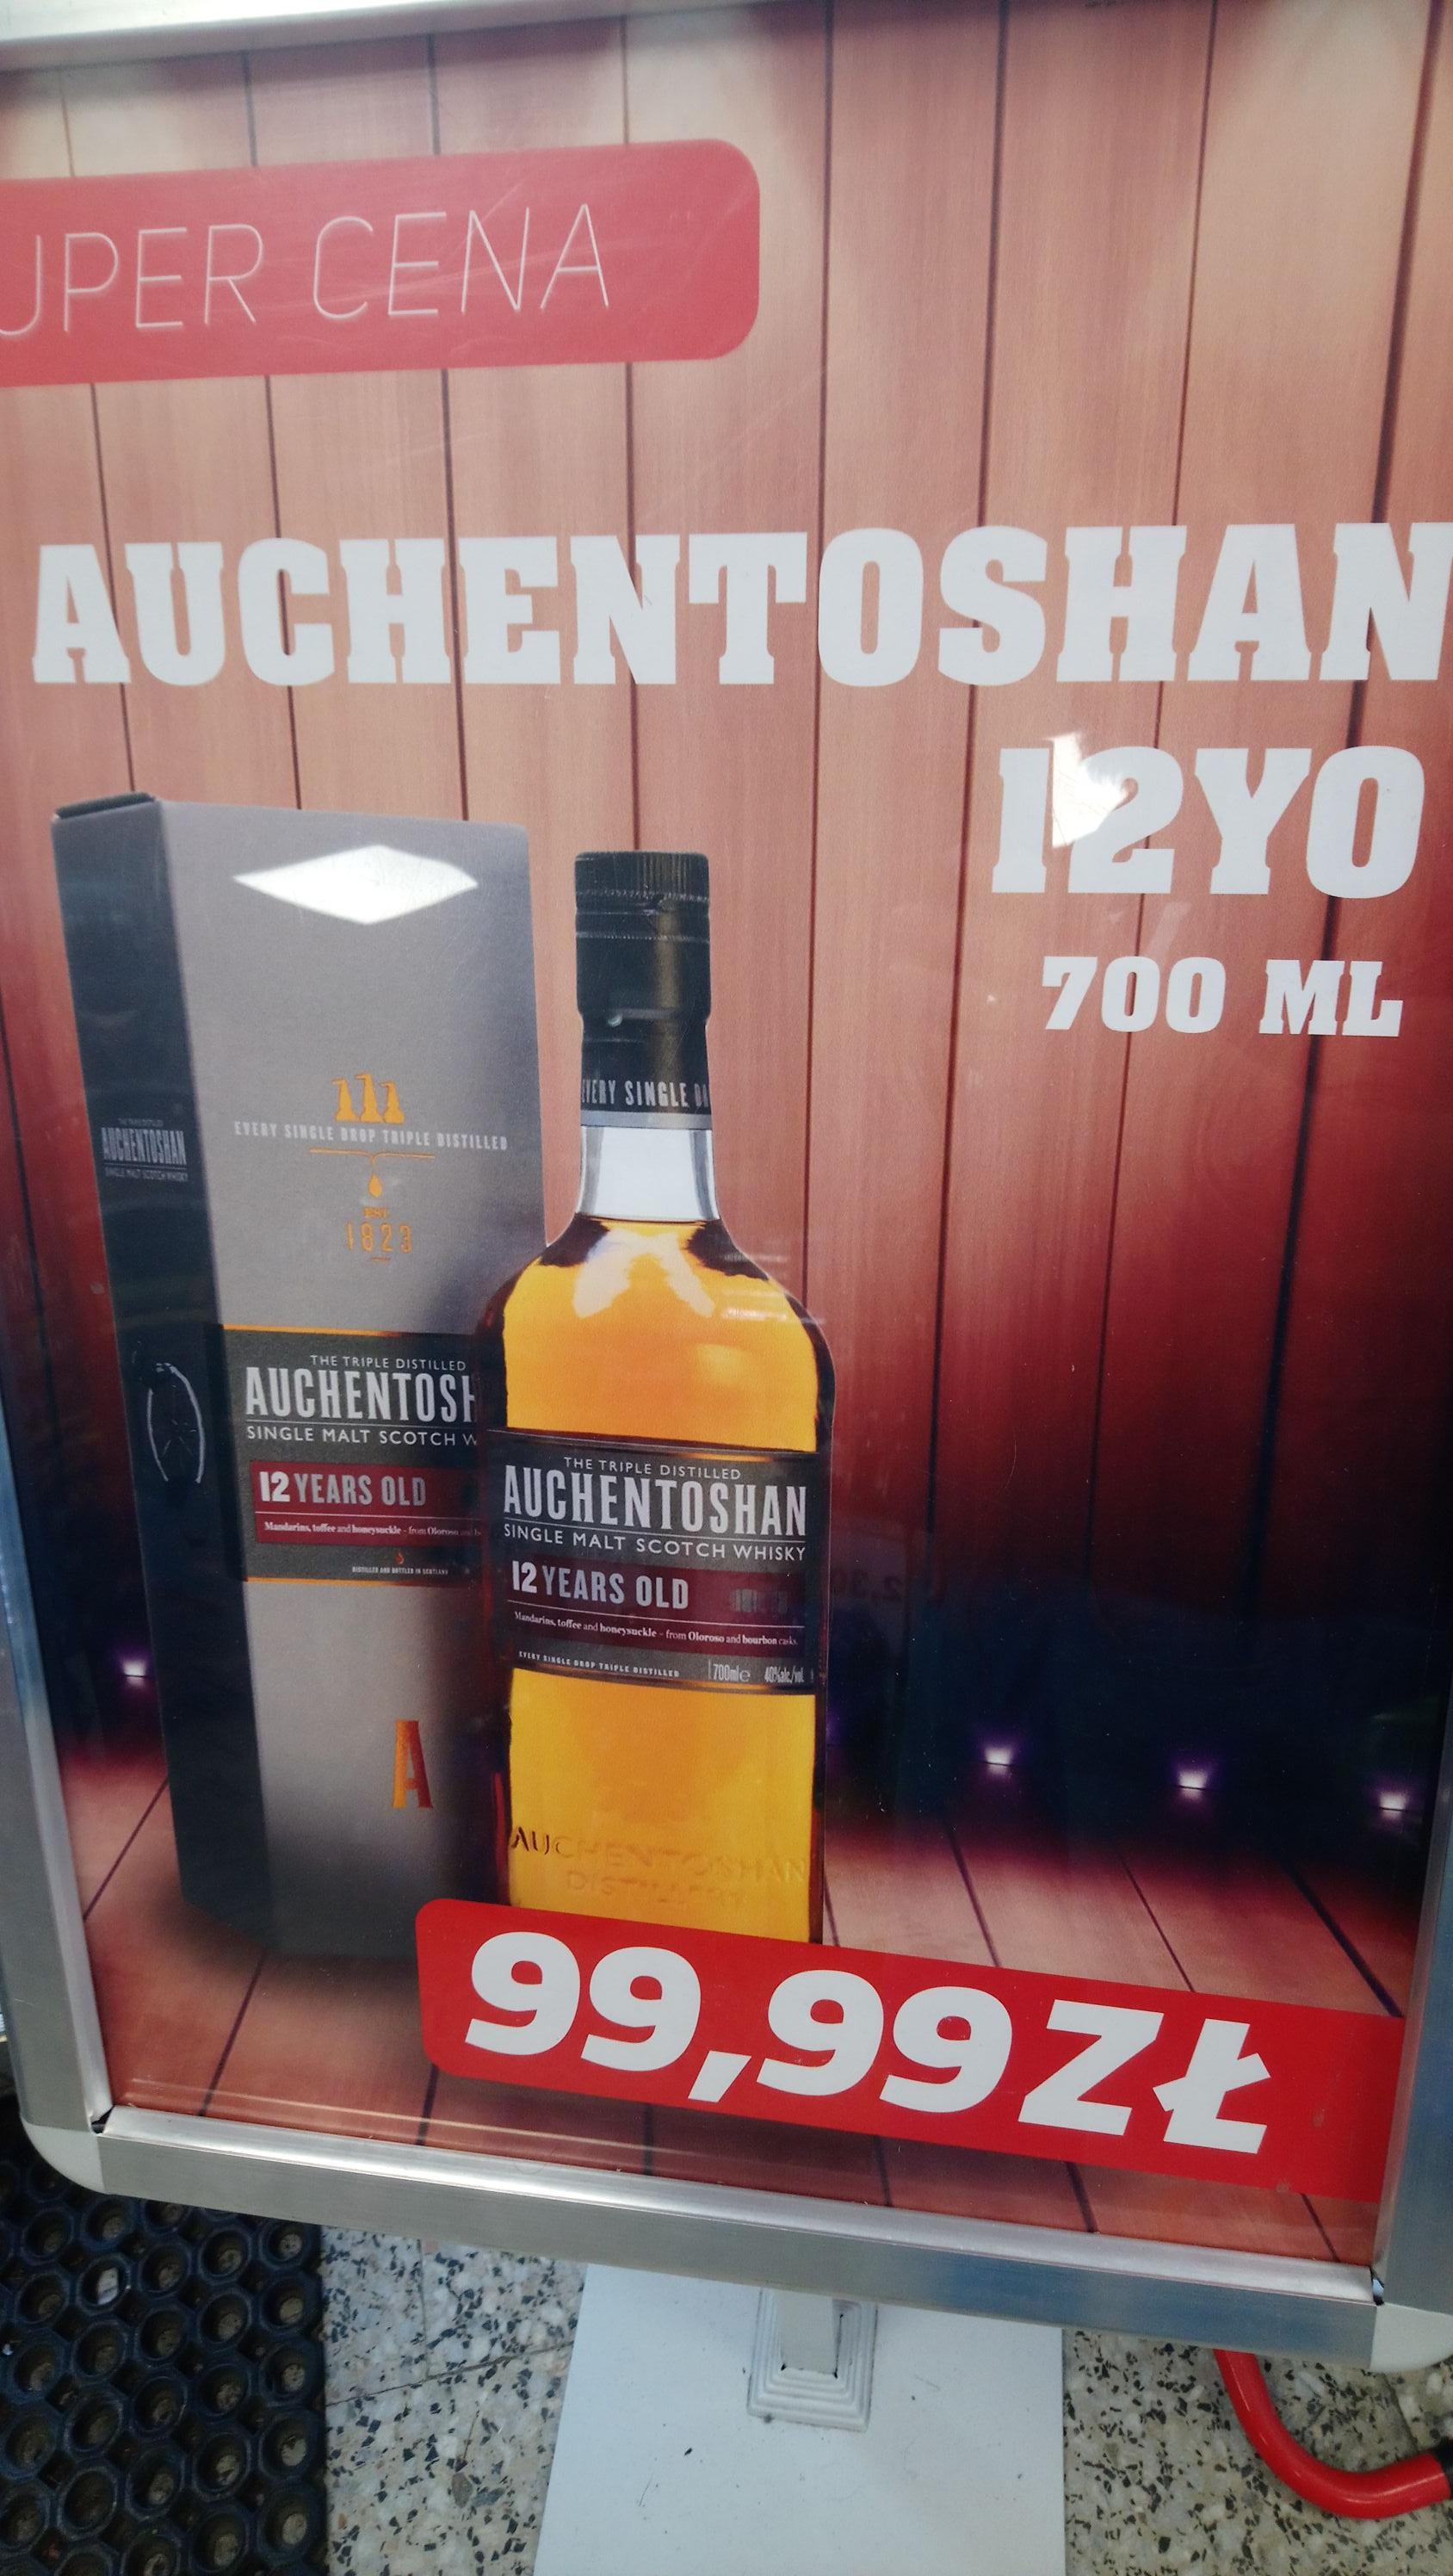 Auchentoshan 12yo 700ml